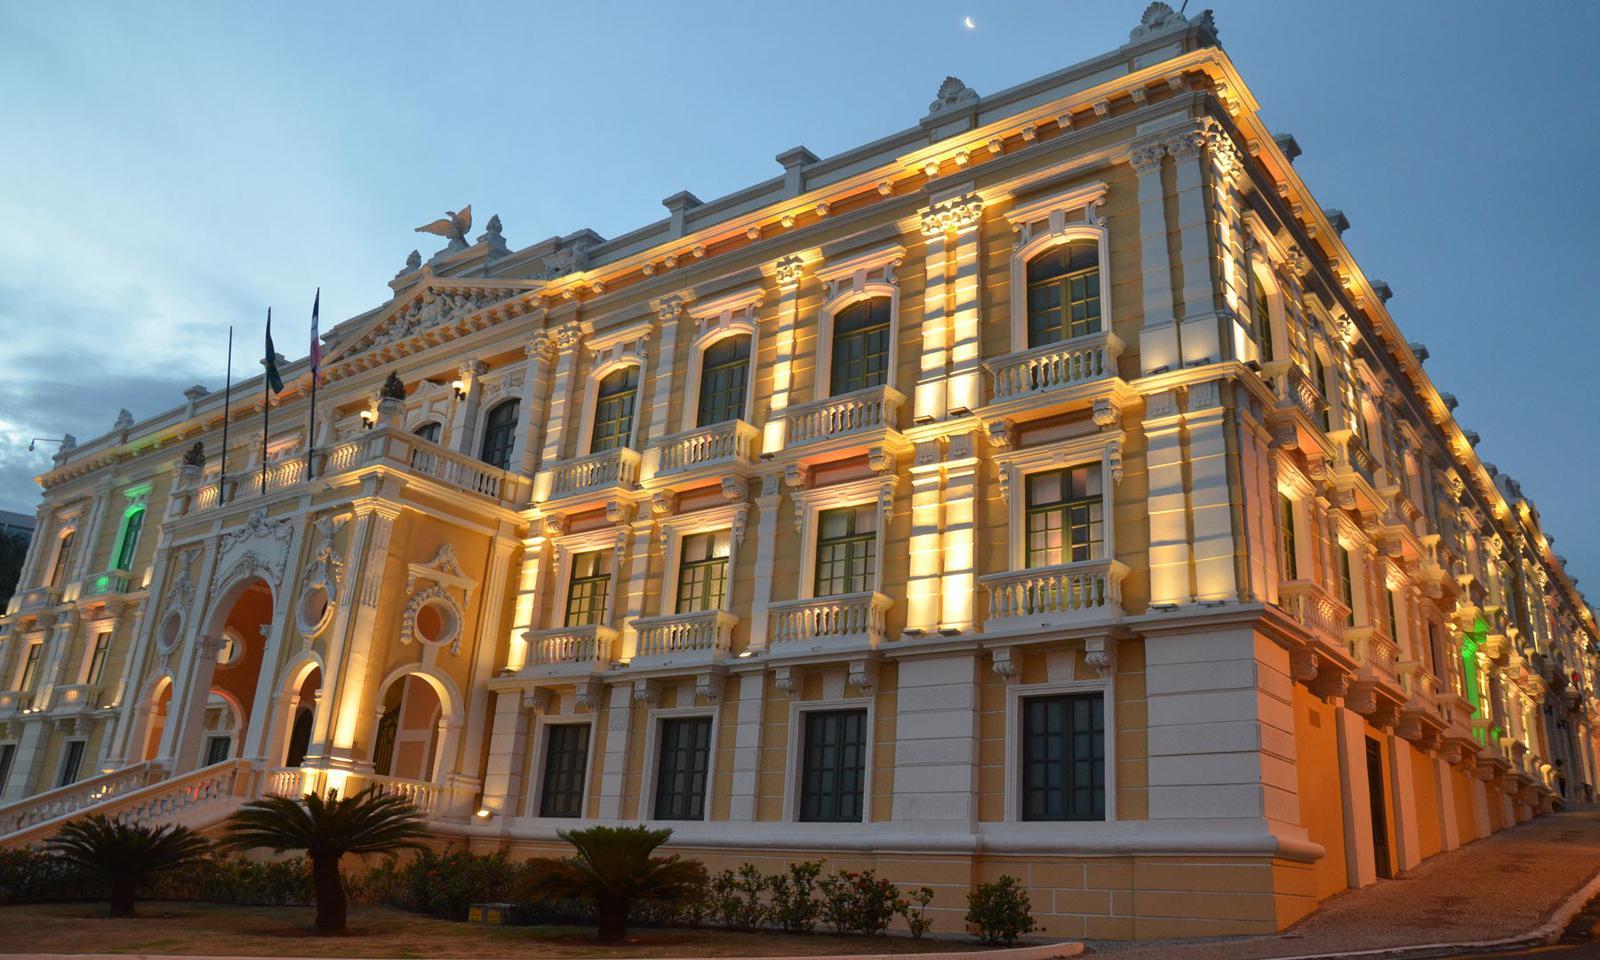 Palácio Anchiete Vitória